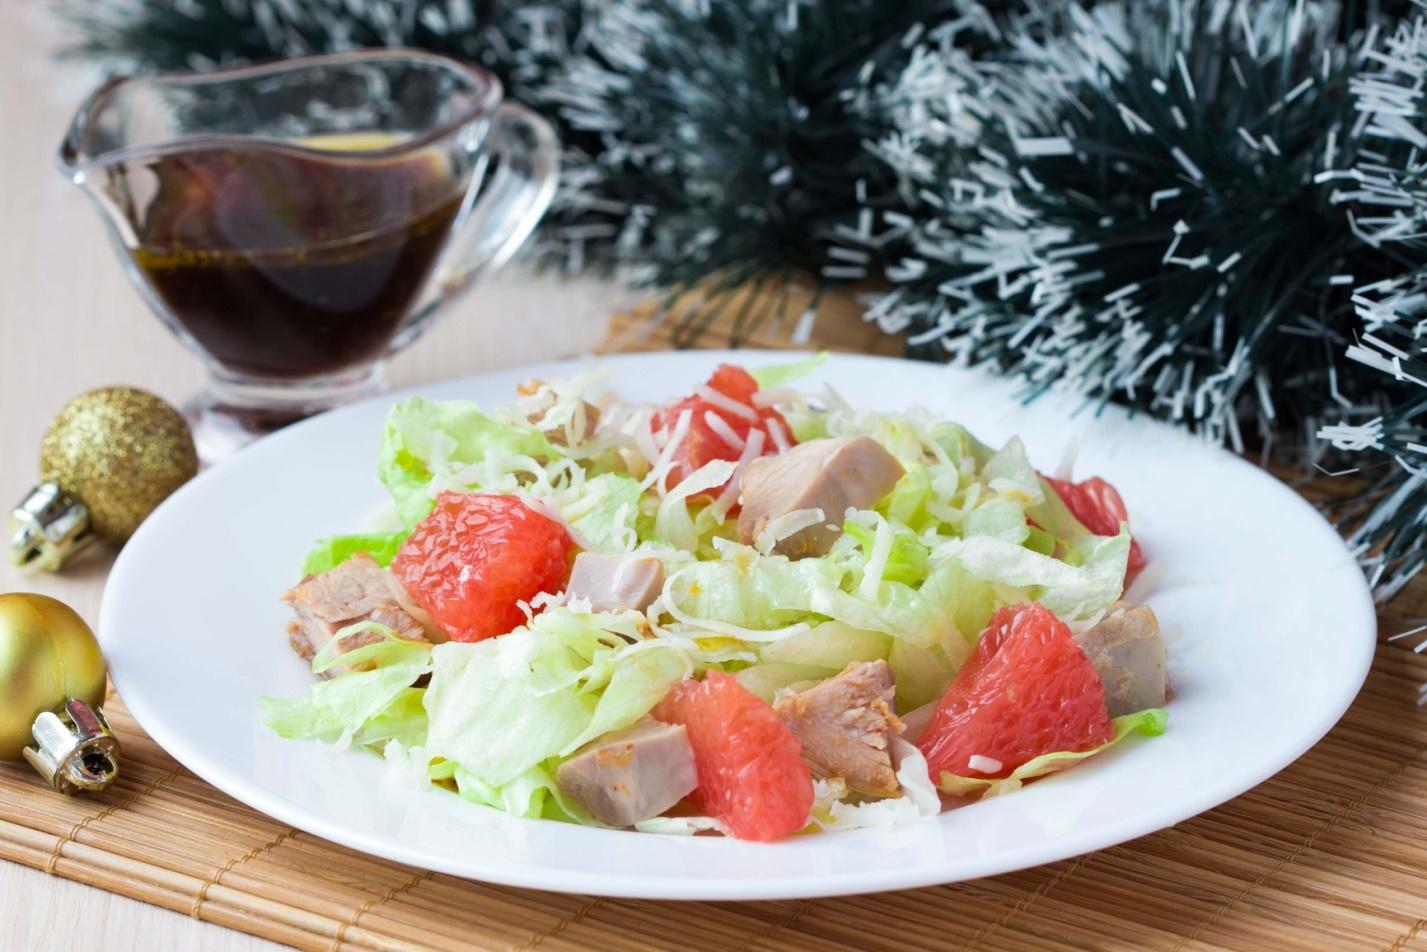 Вредные новогодние блюда: как избежать избытка калорий